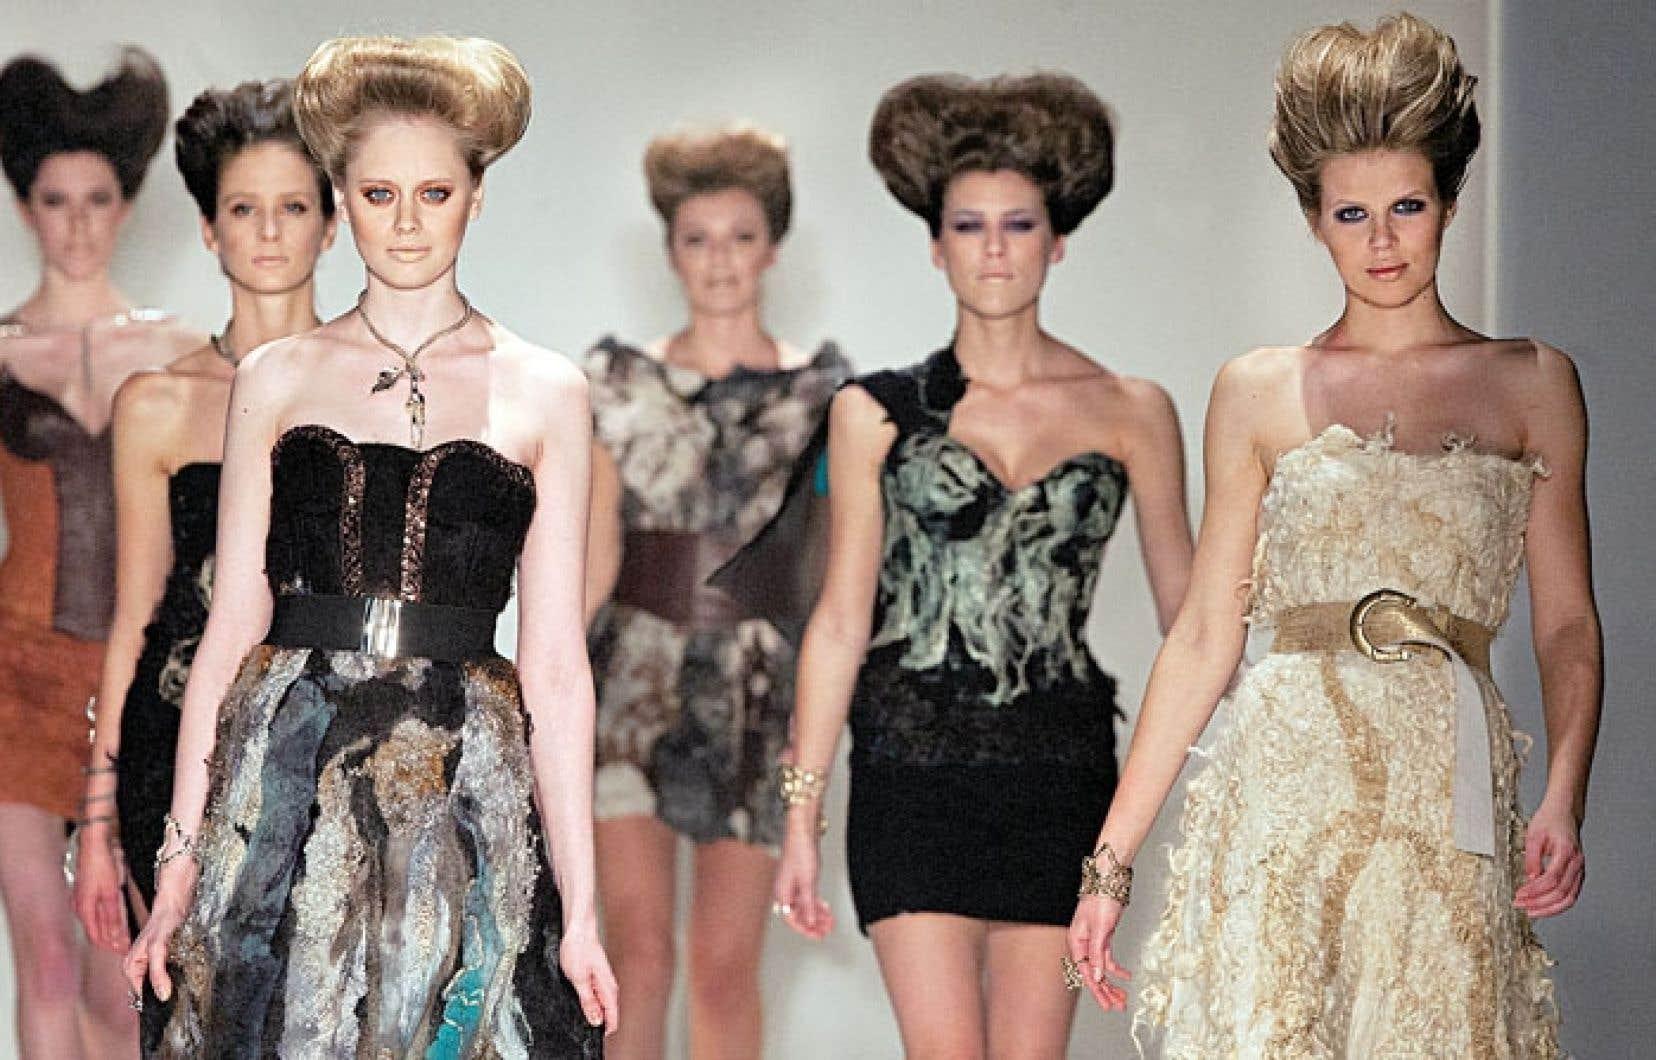 Les valeurs se transforment et l'apparence en témoigne, comme en font foi les défilés de mode.